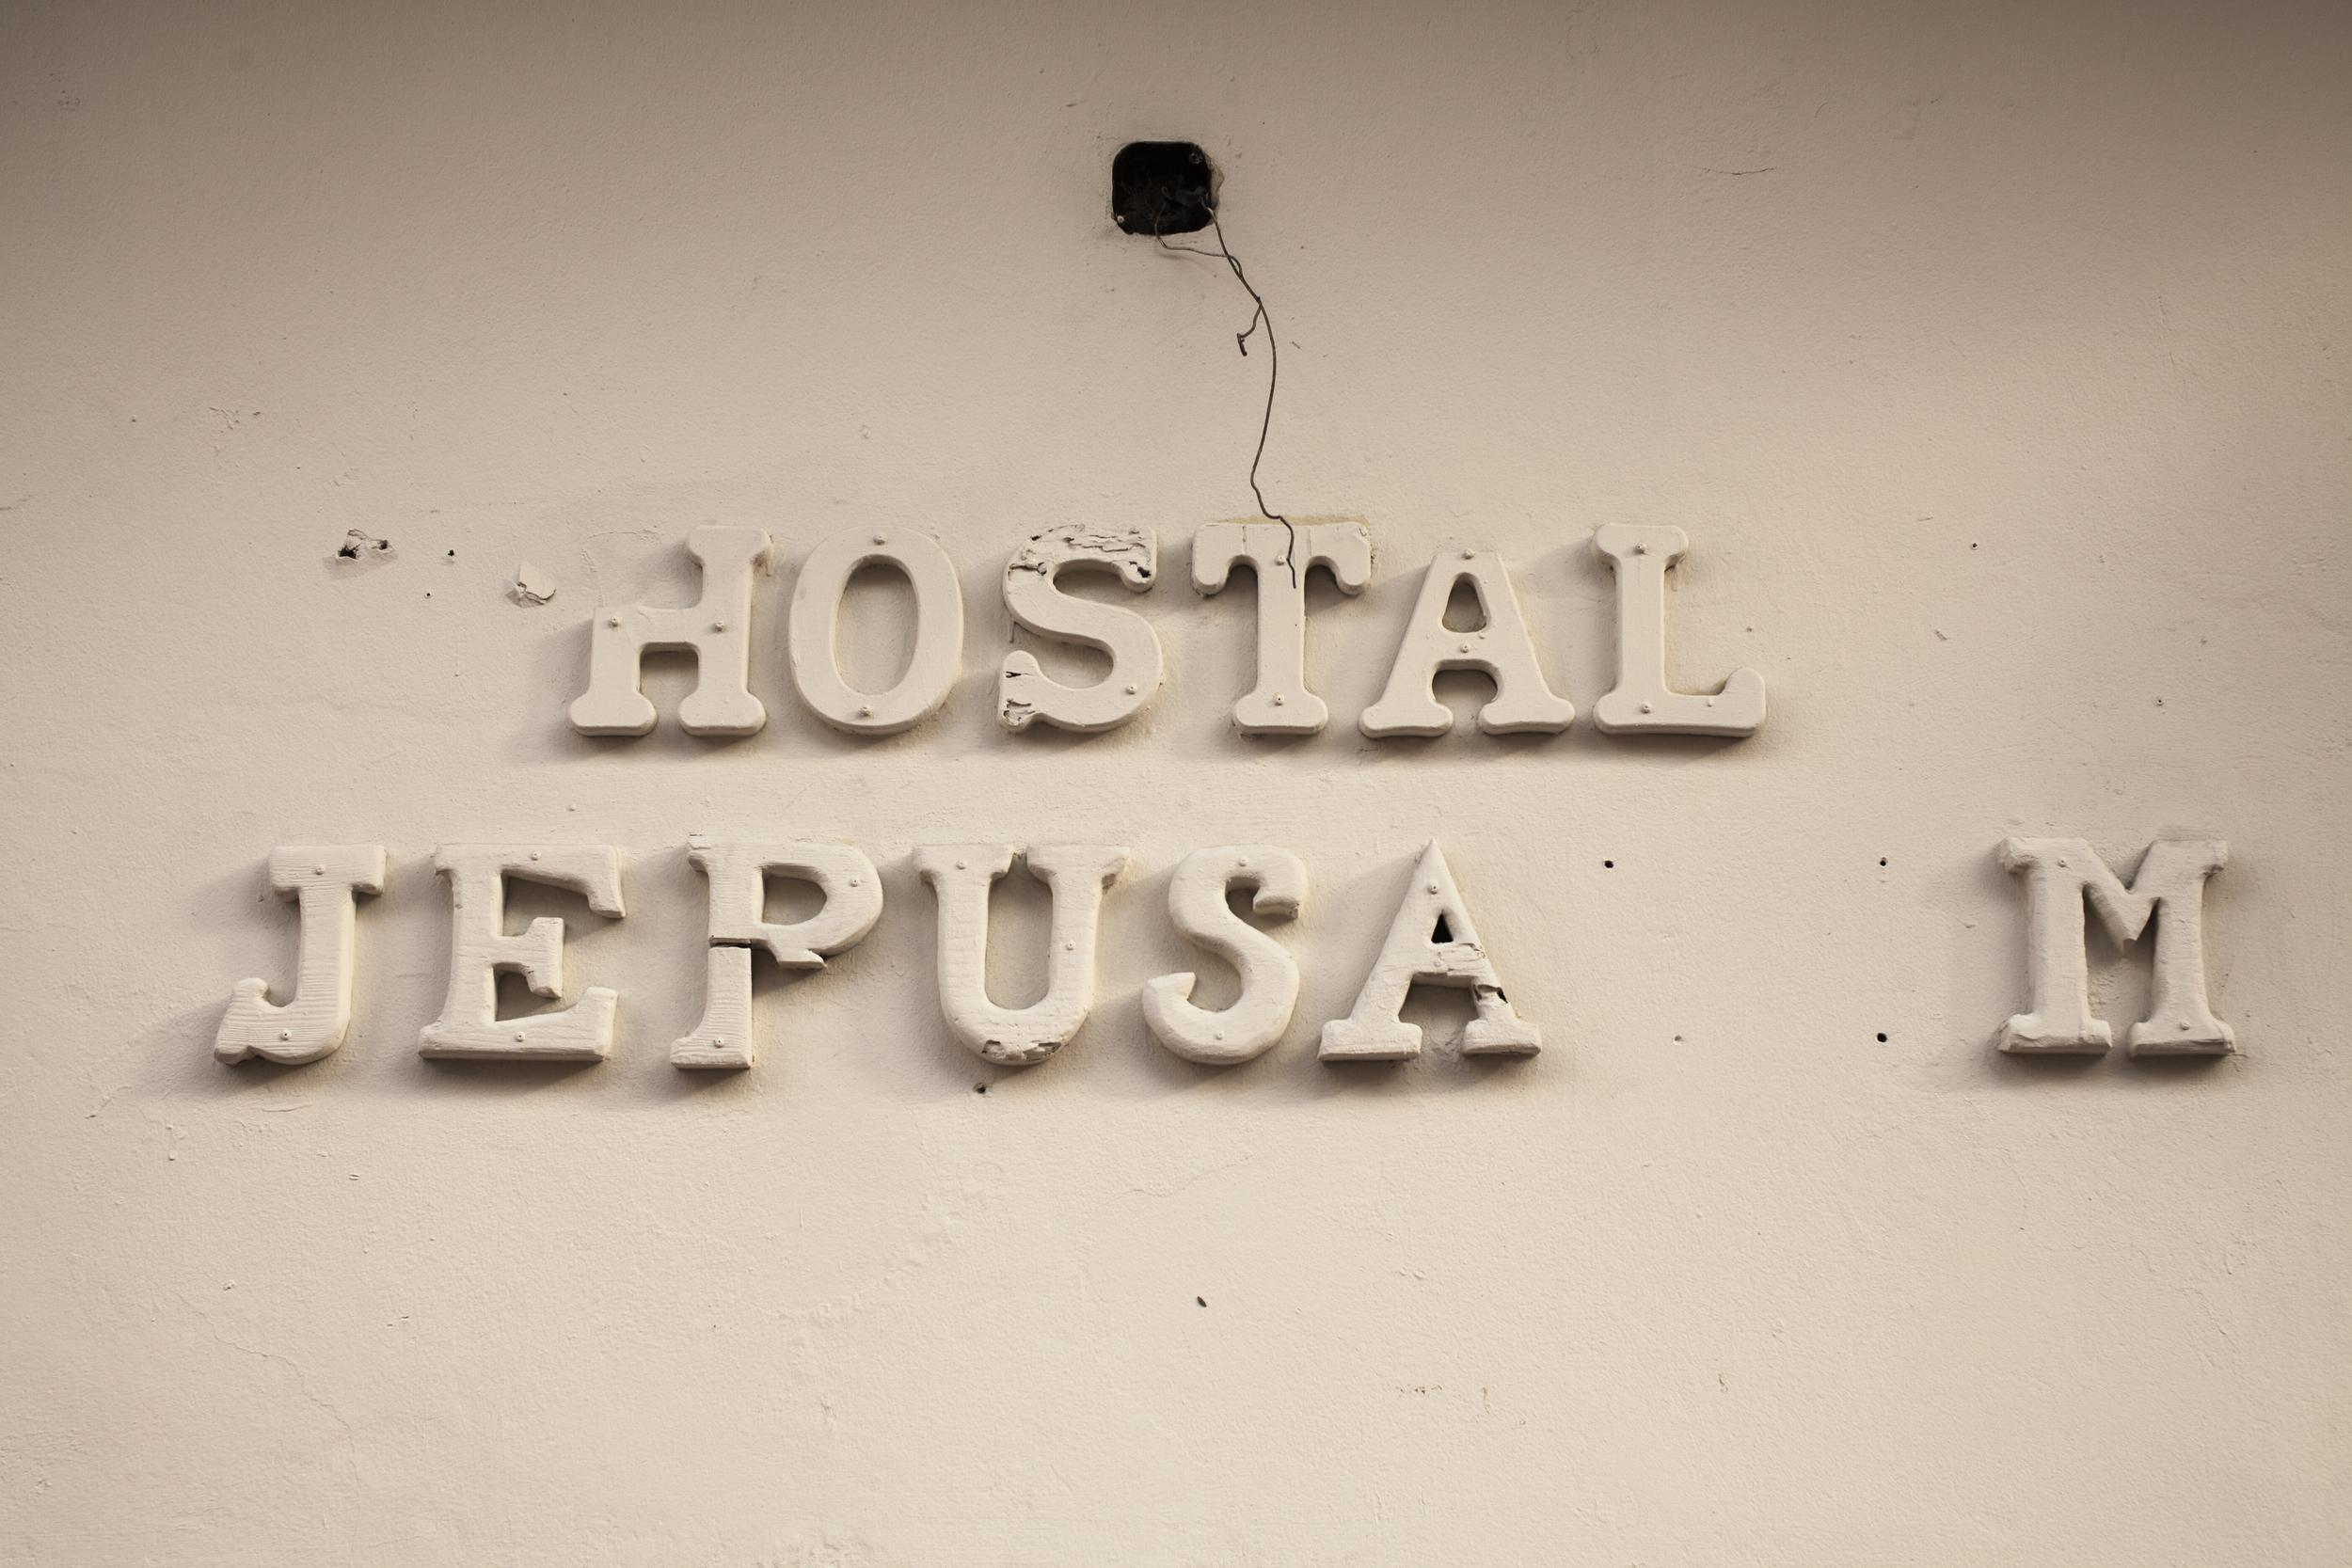 Hostal.jpg